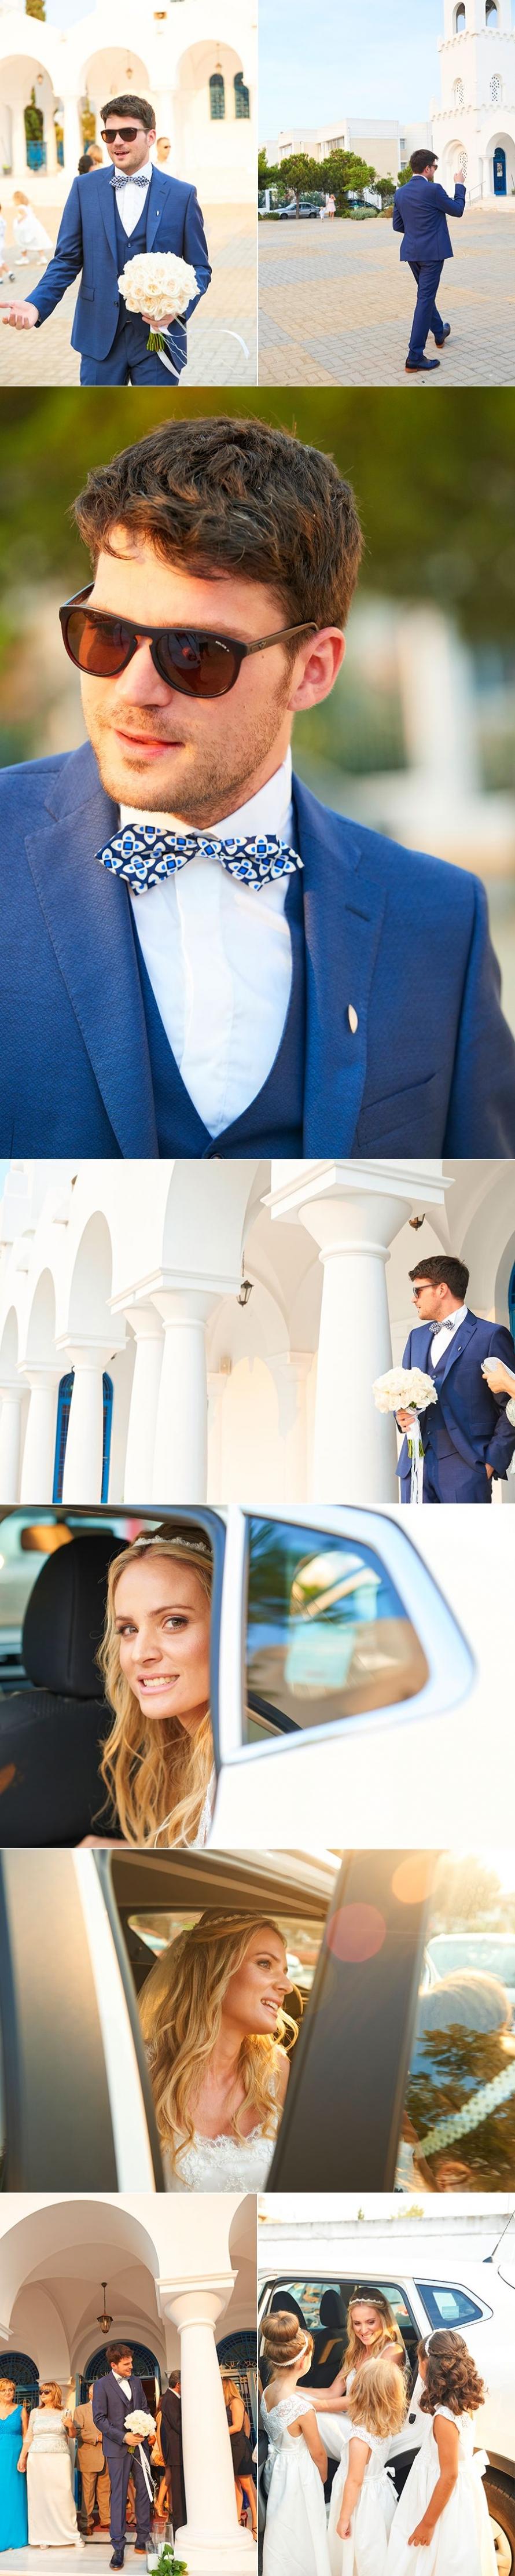 minas-georgia-wedding-photos-08